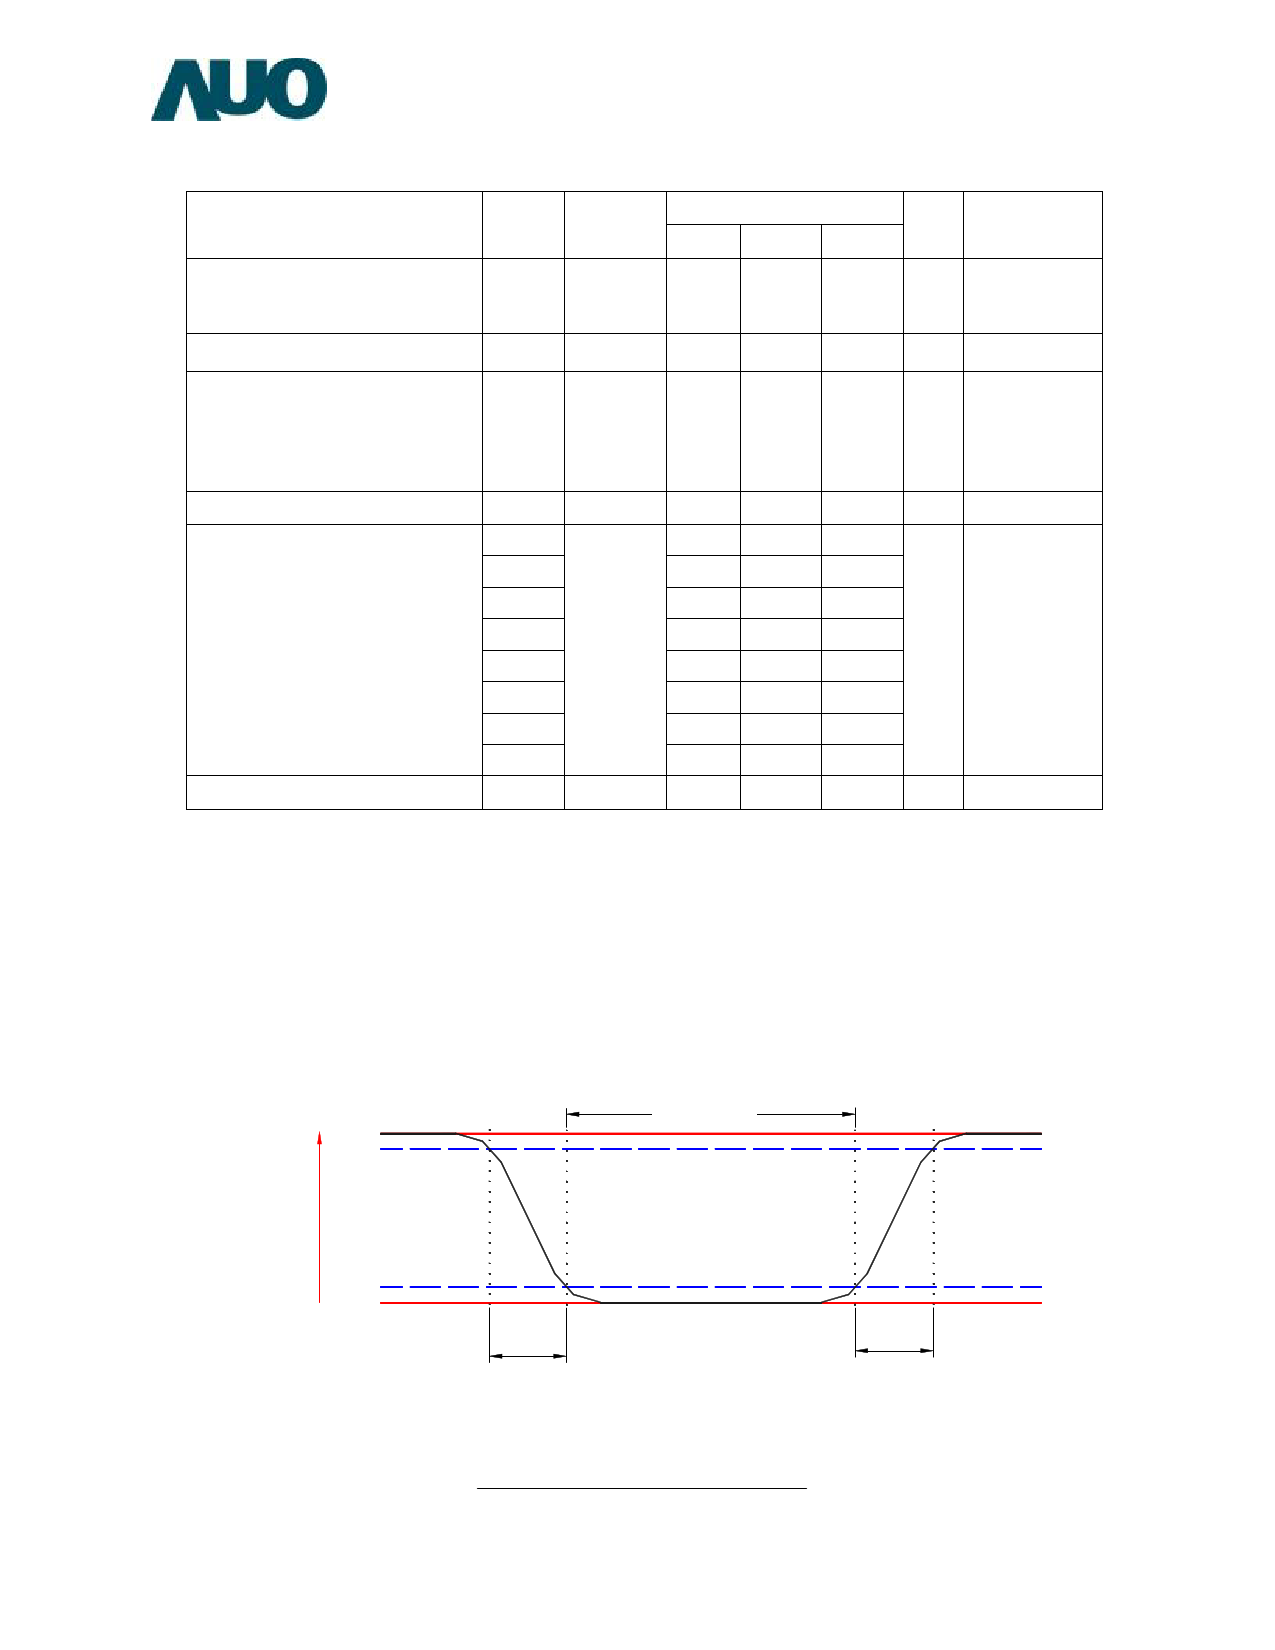 G104SN03-V0 arduino